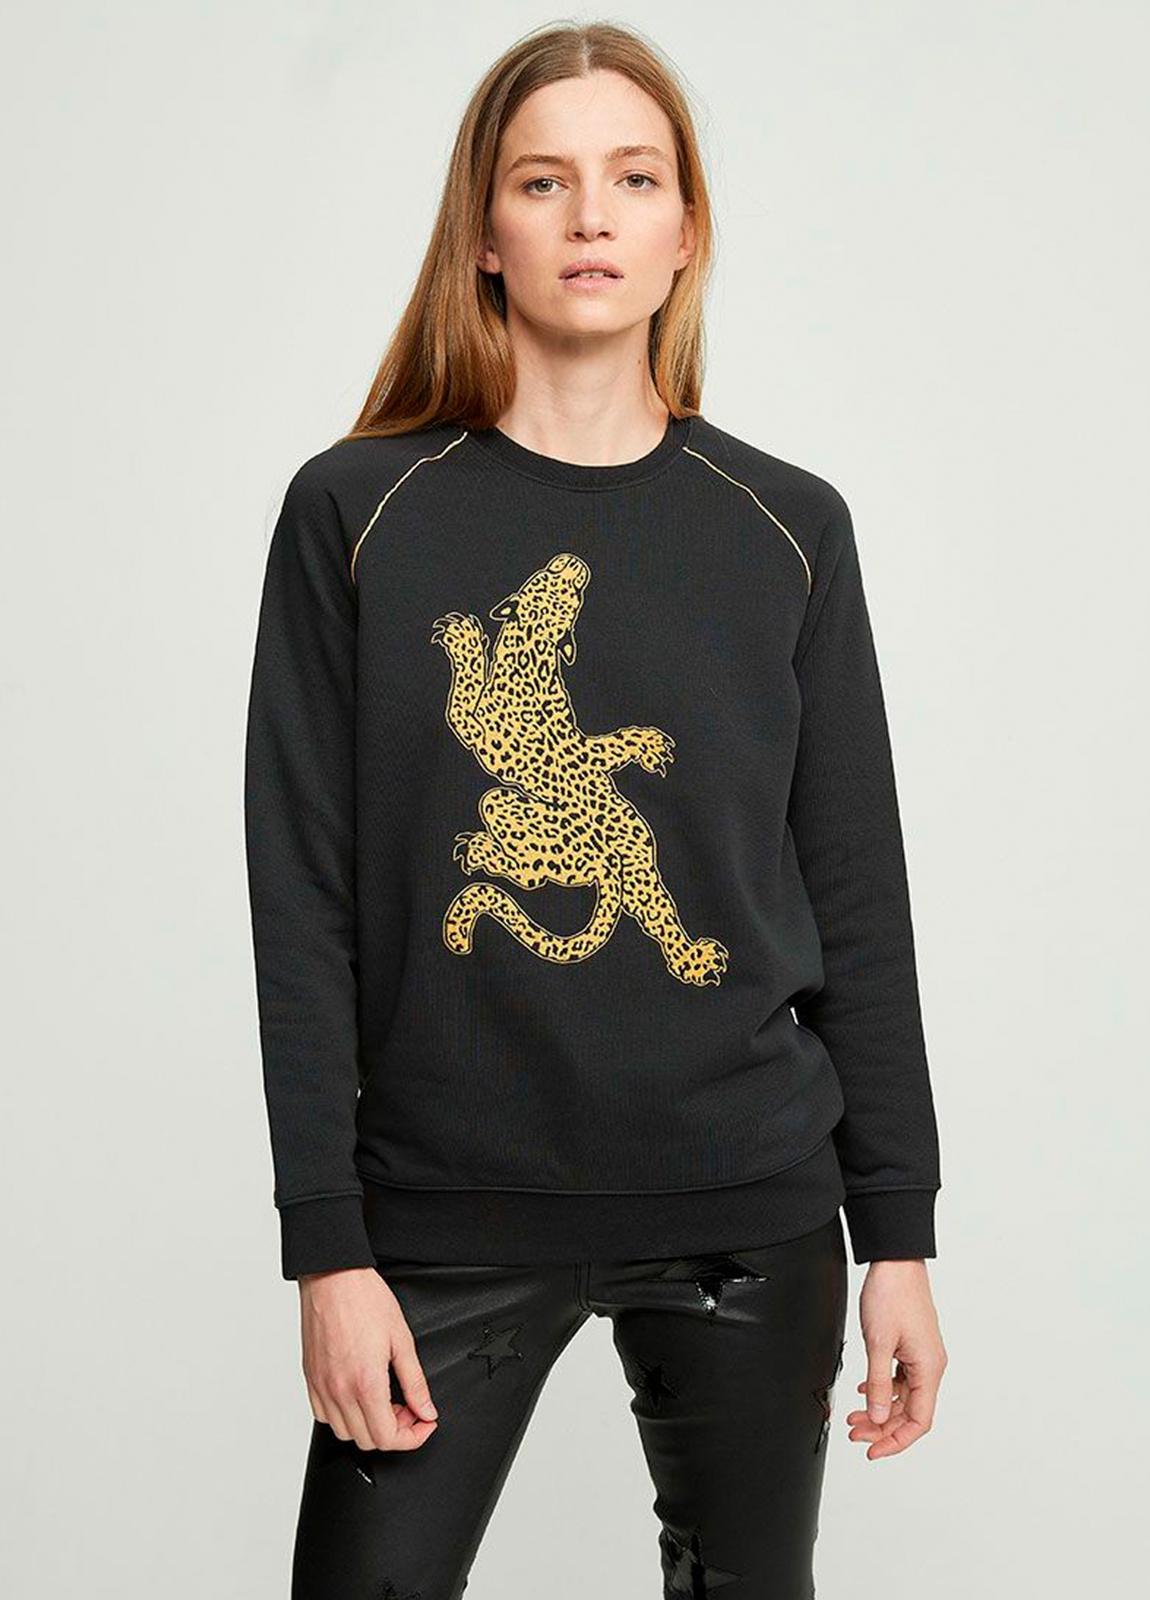 Sudadera color negro con leopardo bordado en lúrex. 86% algodón 14% Poliéster.